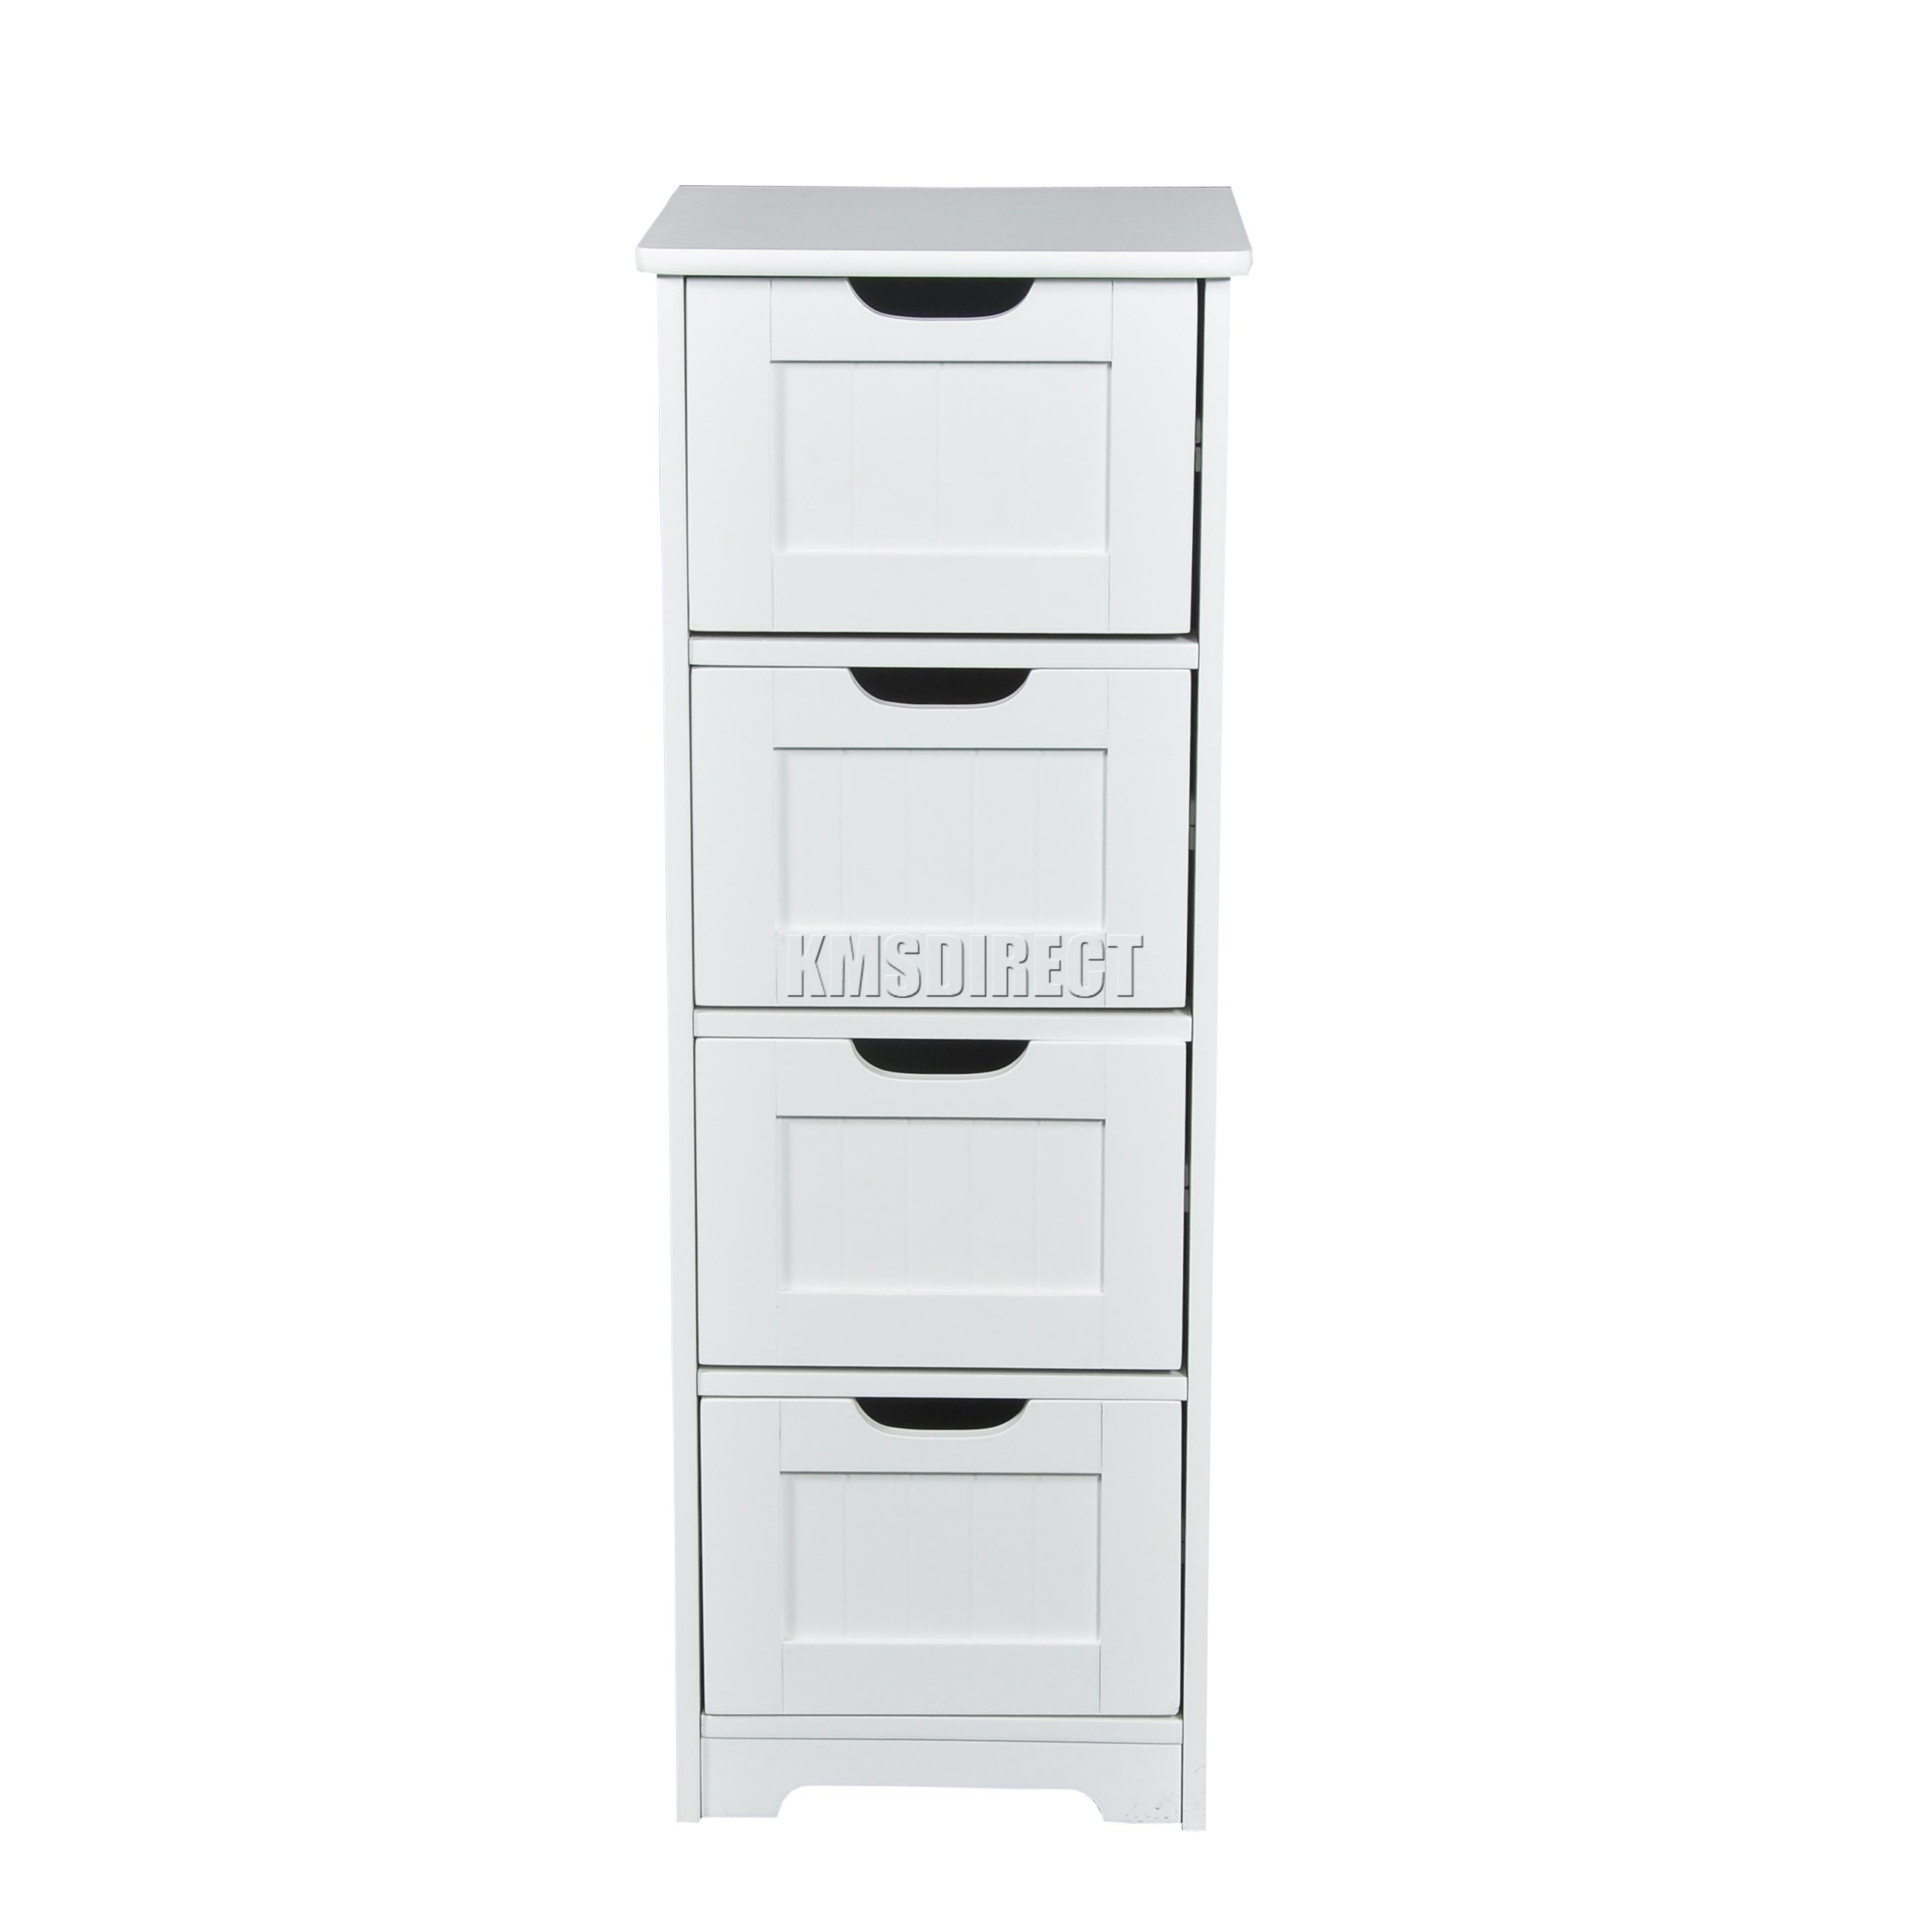 Foxhunter White Wooden 4 Drawer Bathroom Storage Cupboard